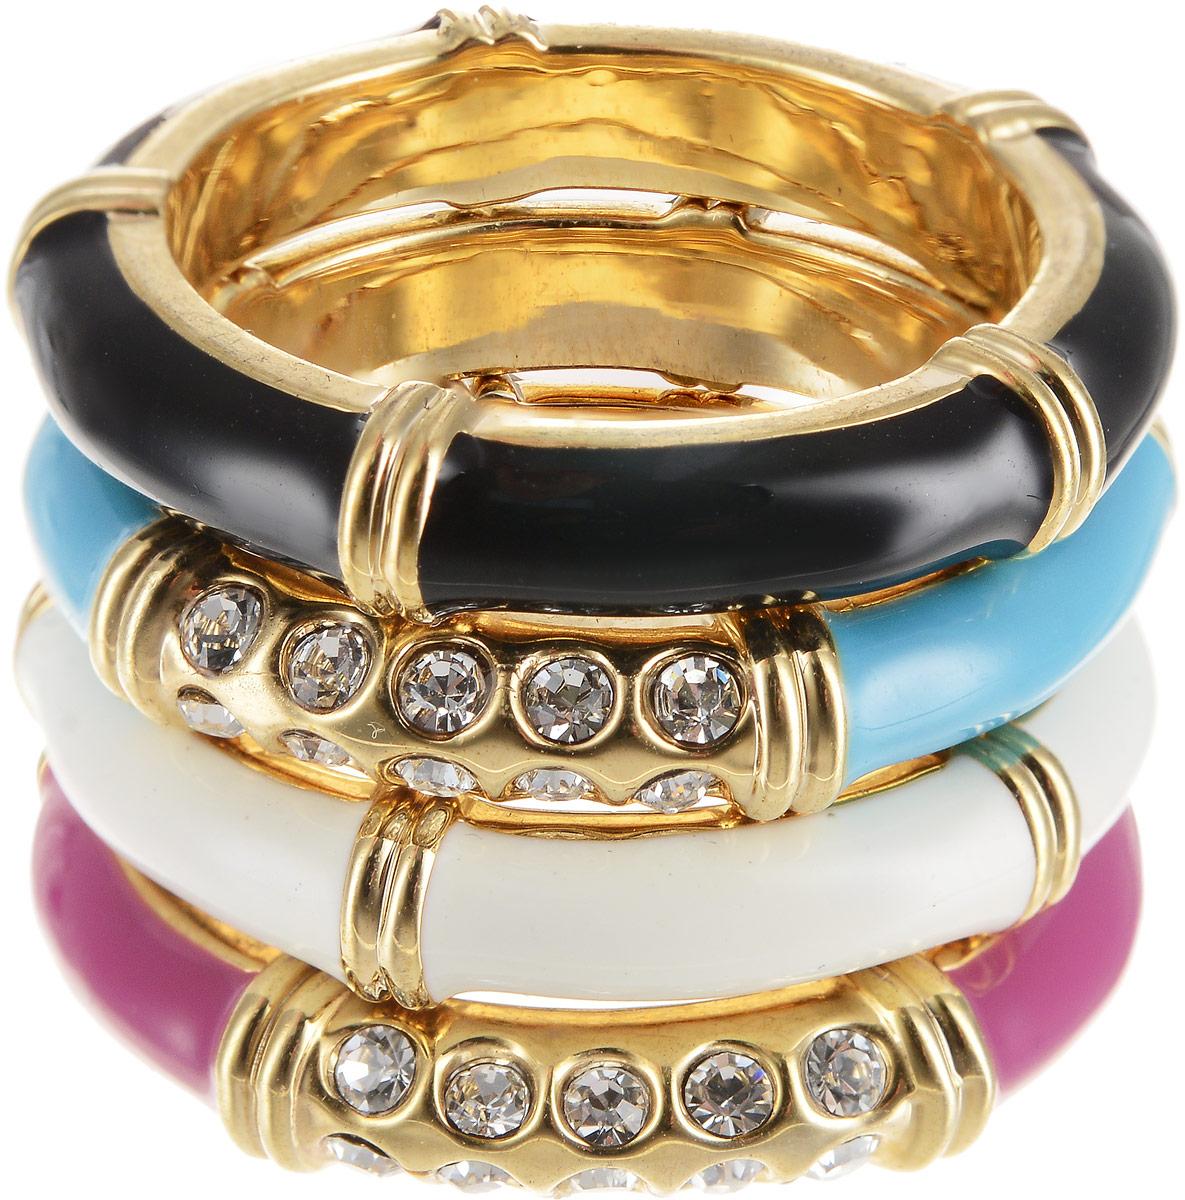 Кольцо Art-Silver, цвет: золотой, мультиколор. 00608-1154. Размер 18,500608-1154Оригинальное кольцо Art-Silver выполнено из бижутерного сплава с гальваническим покрытием. Кольцо украшено декоративными вставками и состоит из нескольких частей, которые можно одевать в разном порядке. Элегантное кольцо Art-Silver превосходно дополнит ваш образ и подчеркнет отменное чувство стиля своей обладательницы.